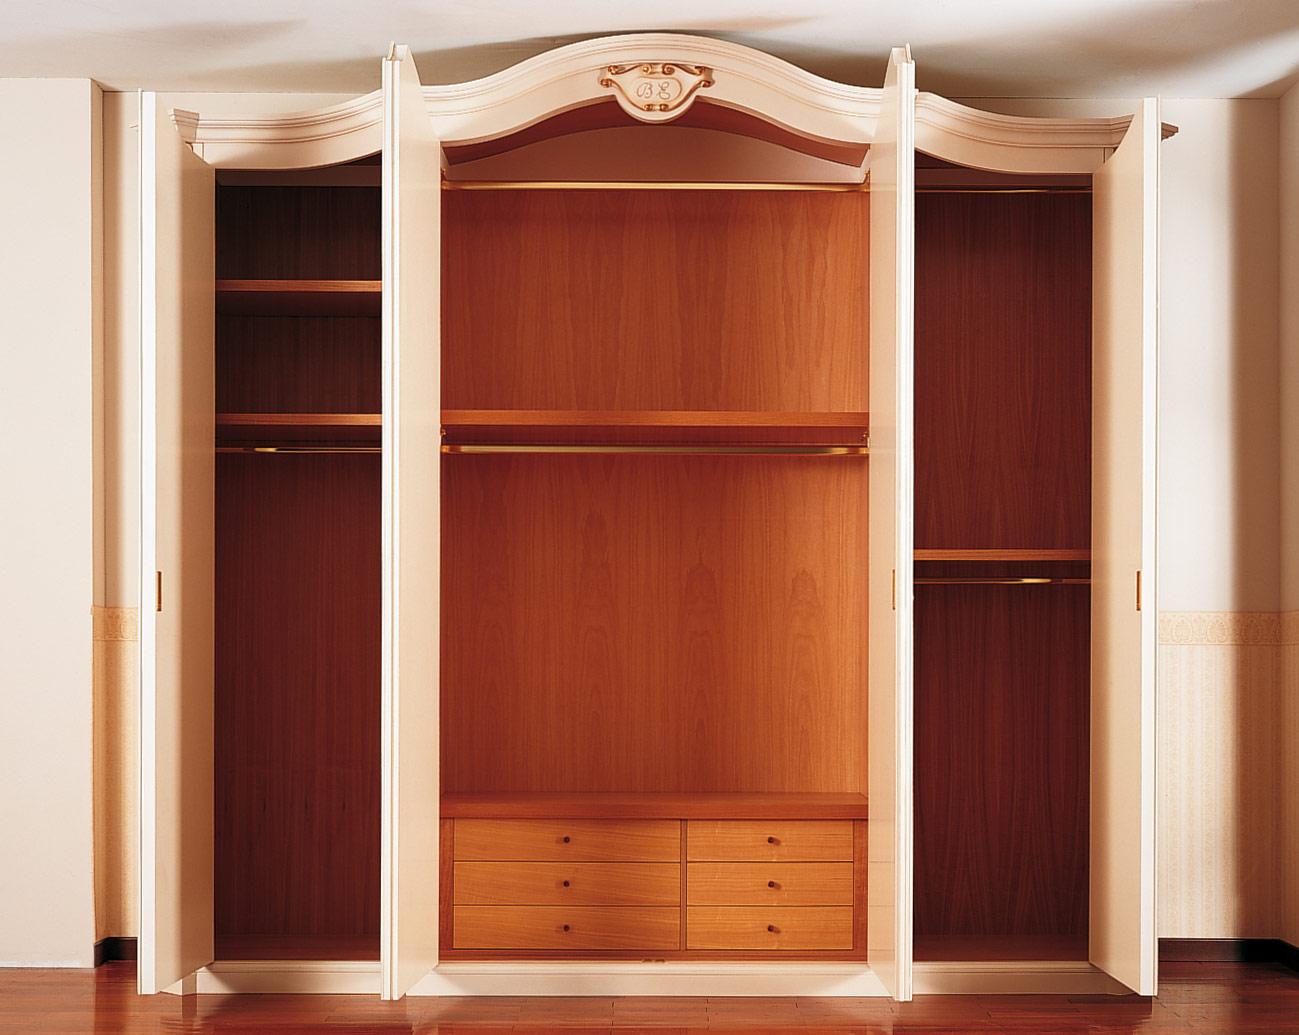 Armadio classico settecento interno in legno vimercati meda - Interno armadio ...